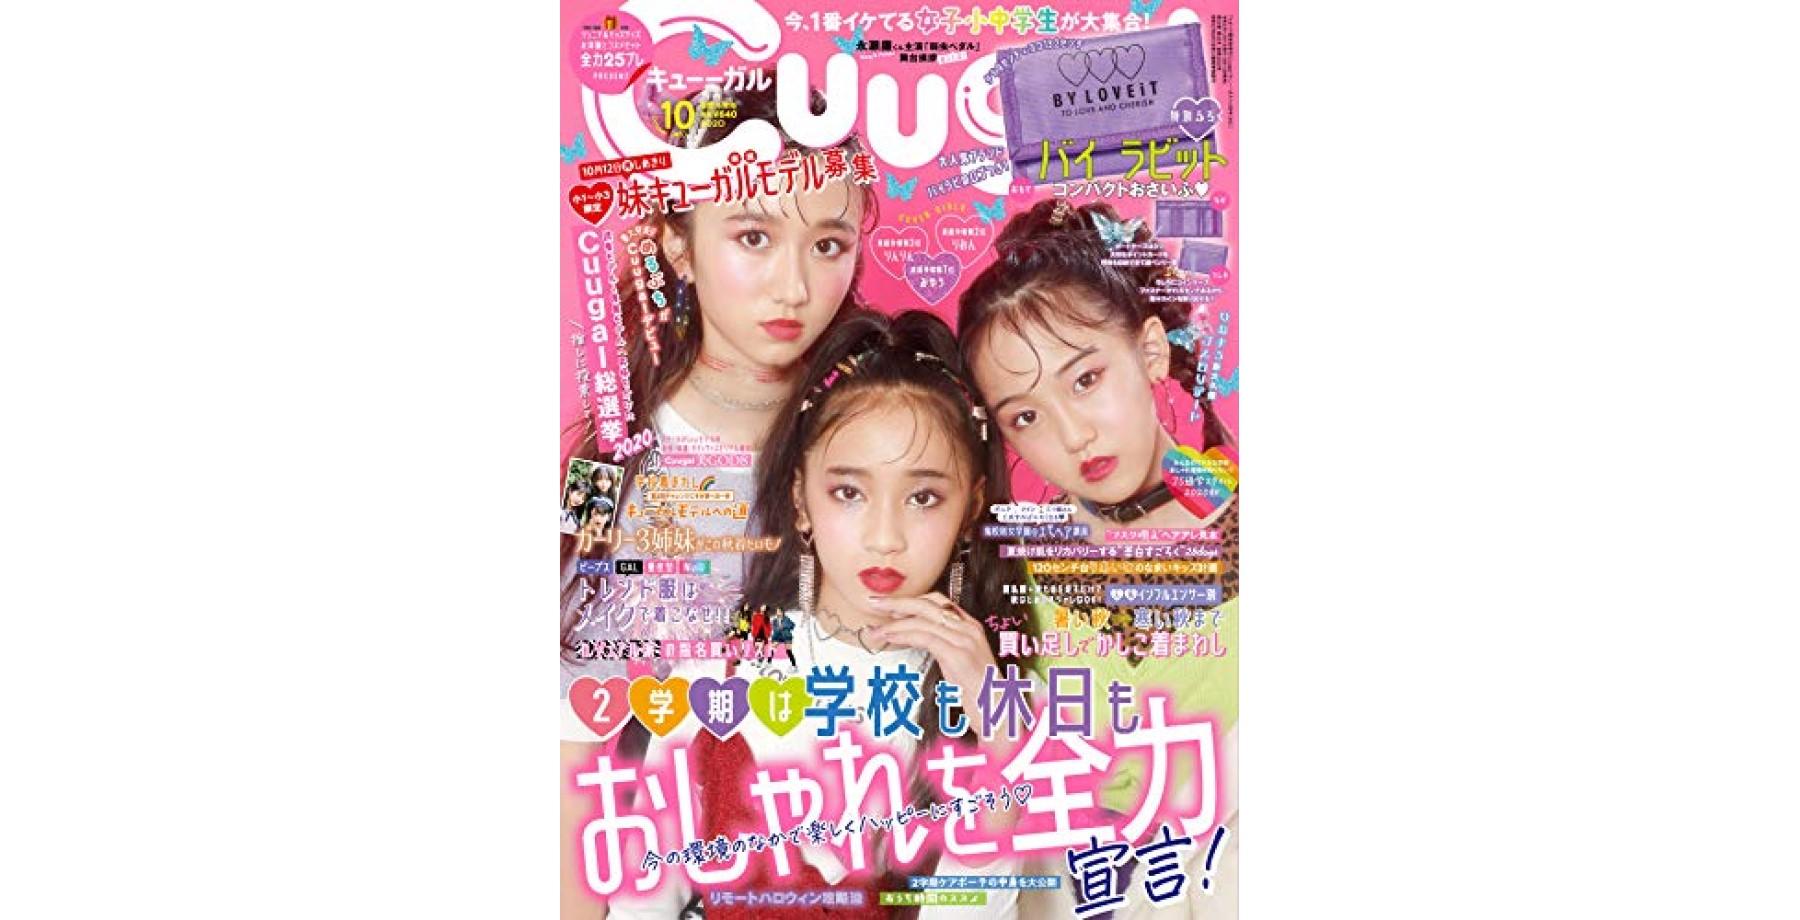 【メディア掲載情報】女子小中学生向け雑誌「Cuugal(キューーガル)」10月号にdevirock商品が掲載されました。